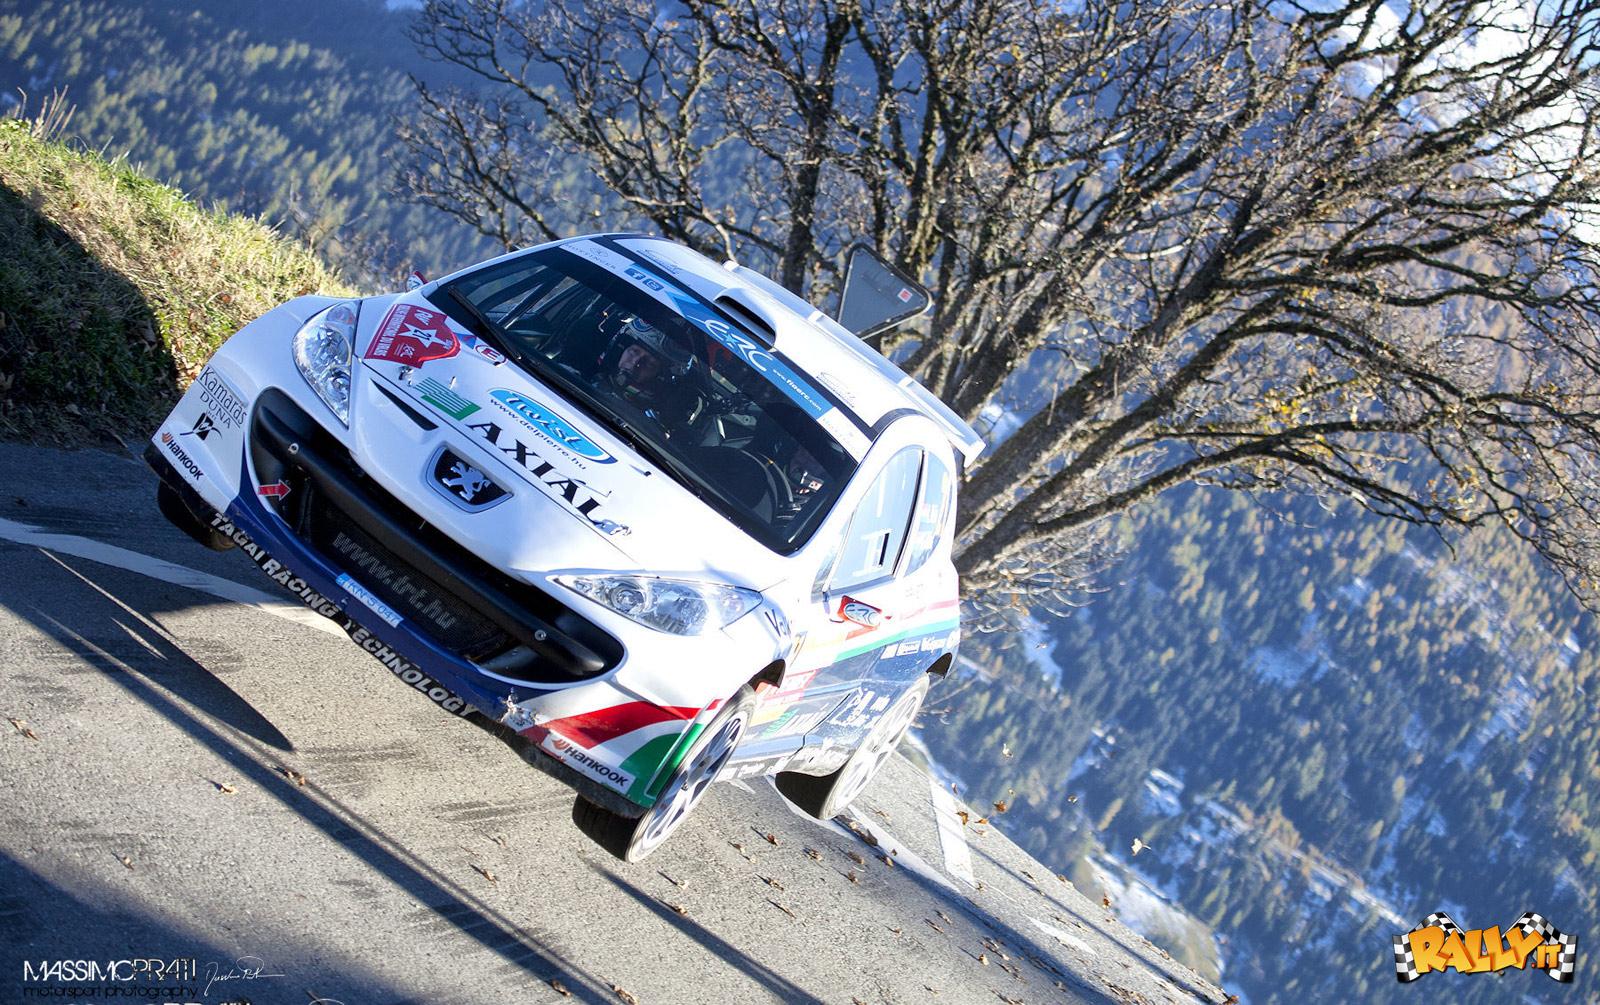 068-Rally-du-Valais-2014.jpg